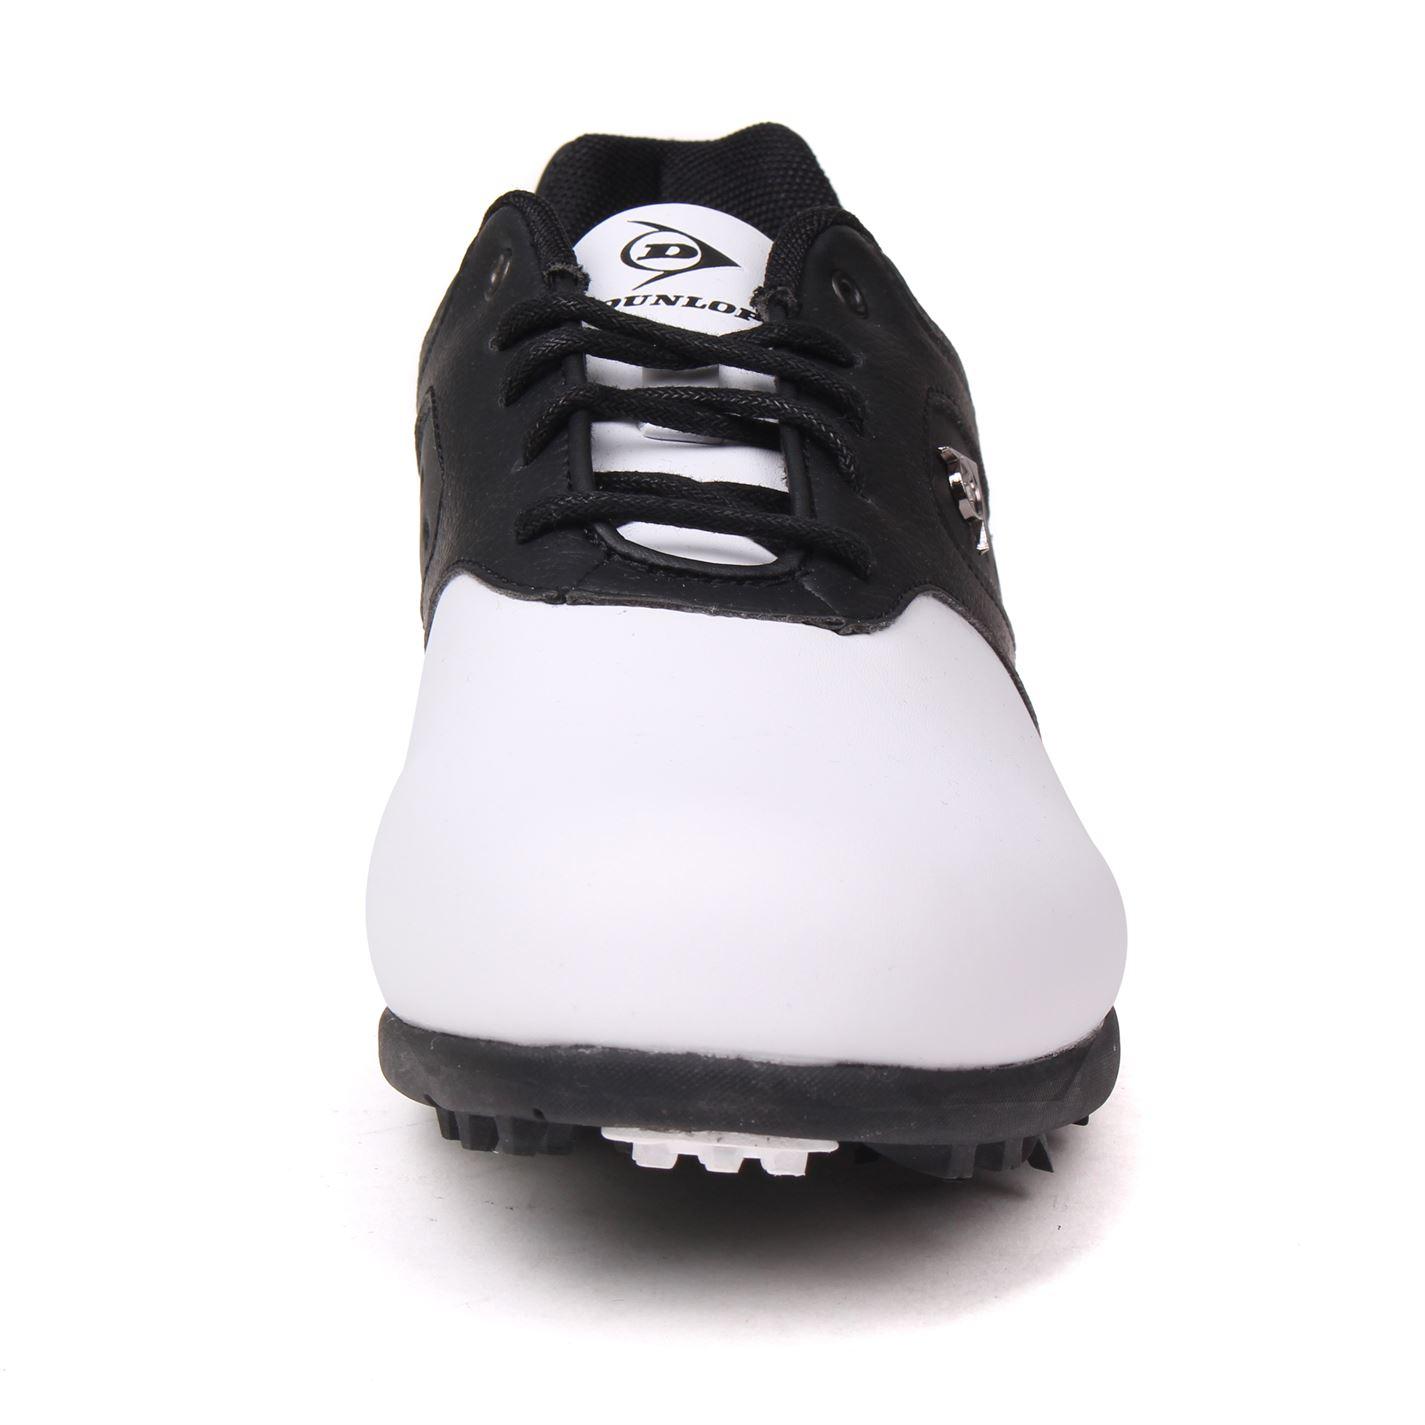 Zapatos de golf dunlop clásicos 06